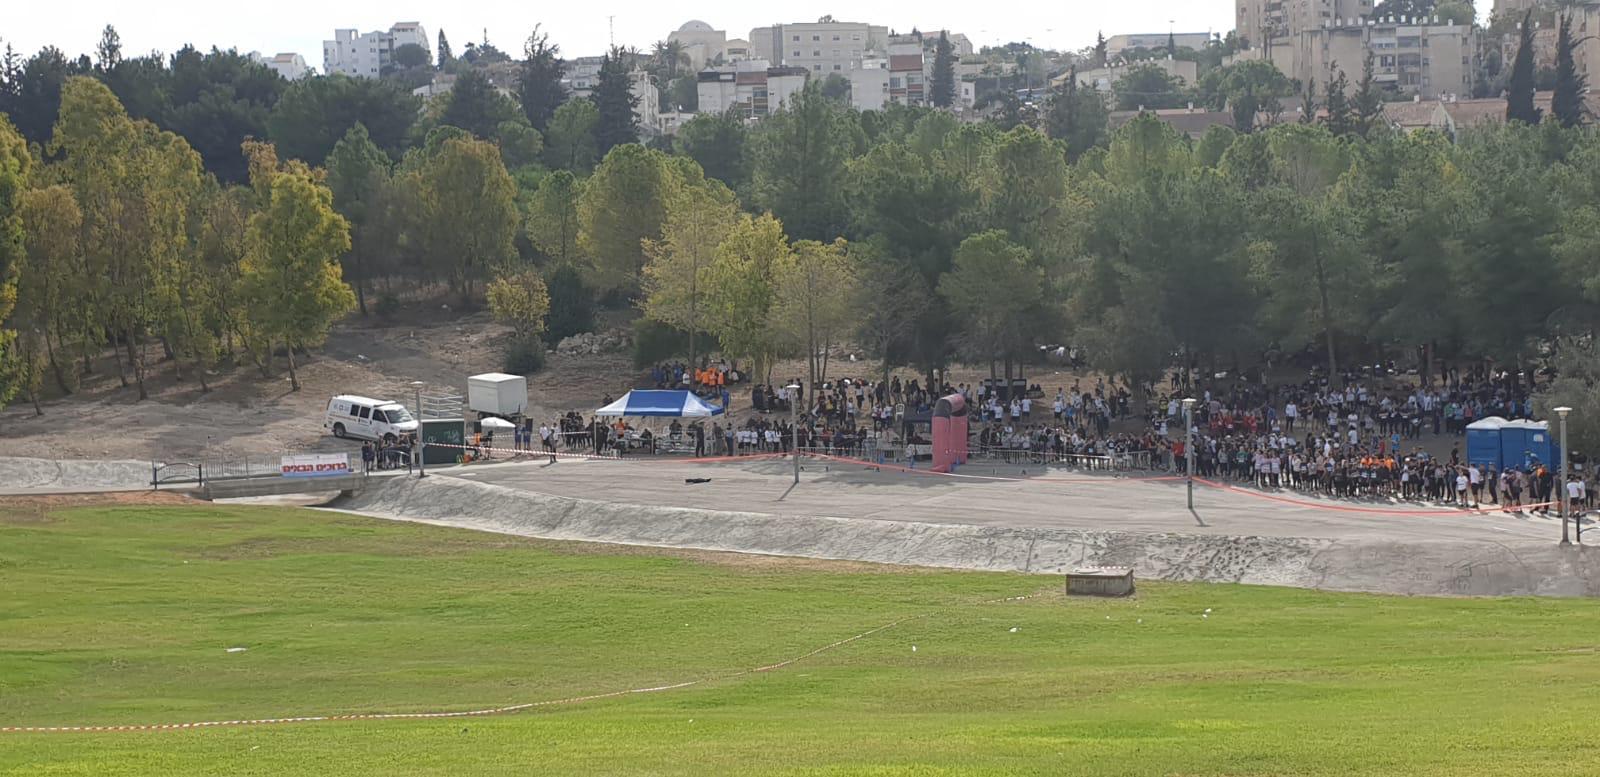 מירוץ שדה בבית שמש (צילום: עיריית בית שמש)